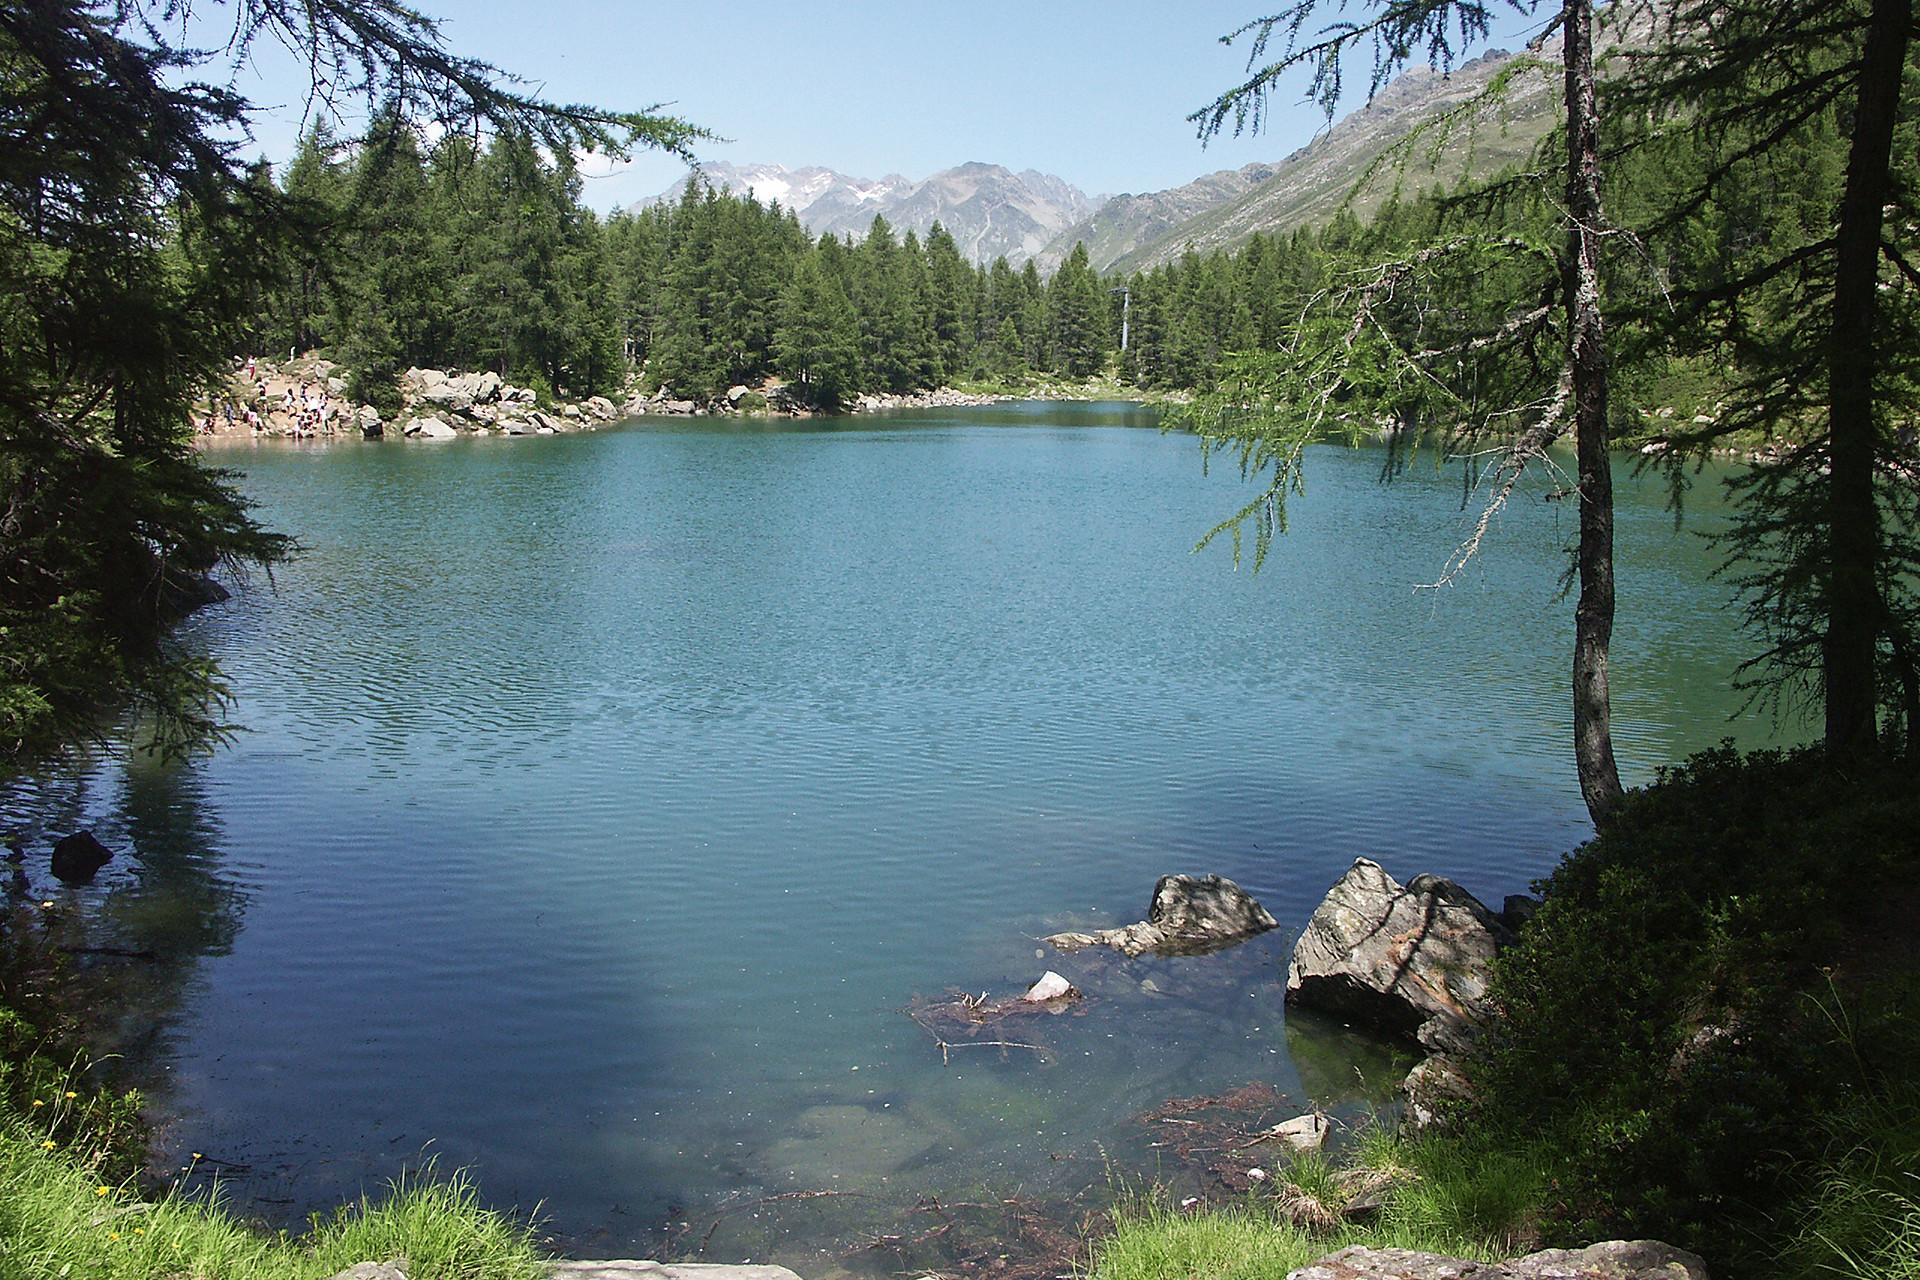 Lago azzurro madesimo